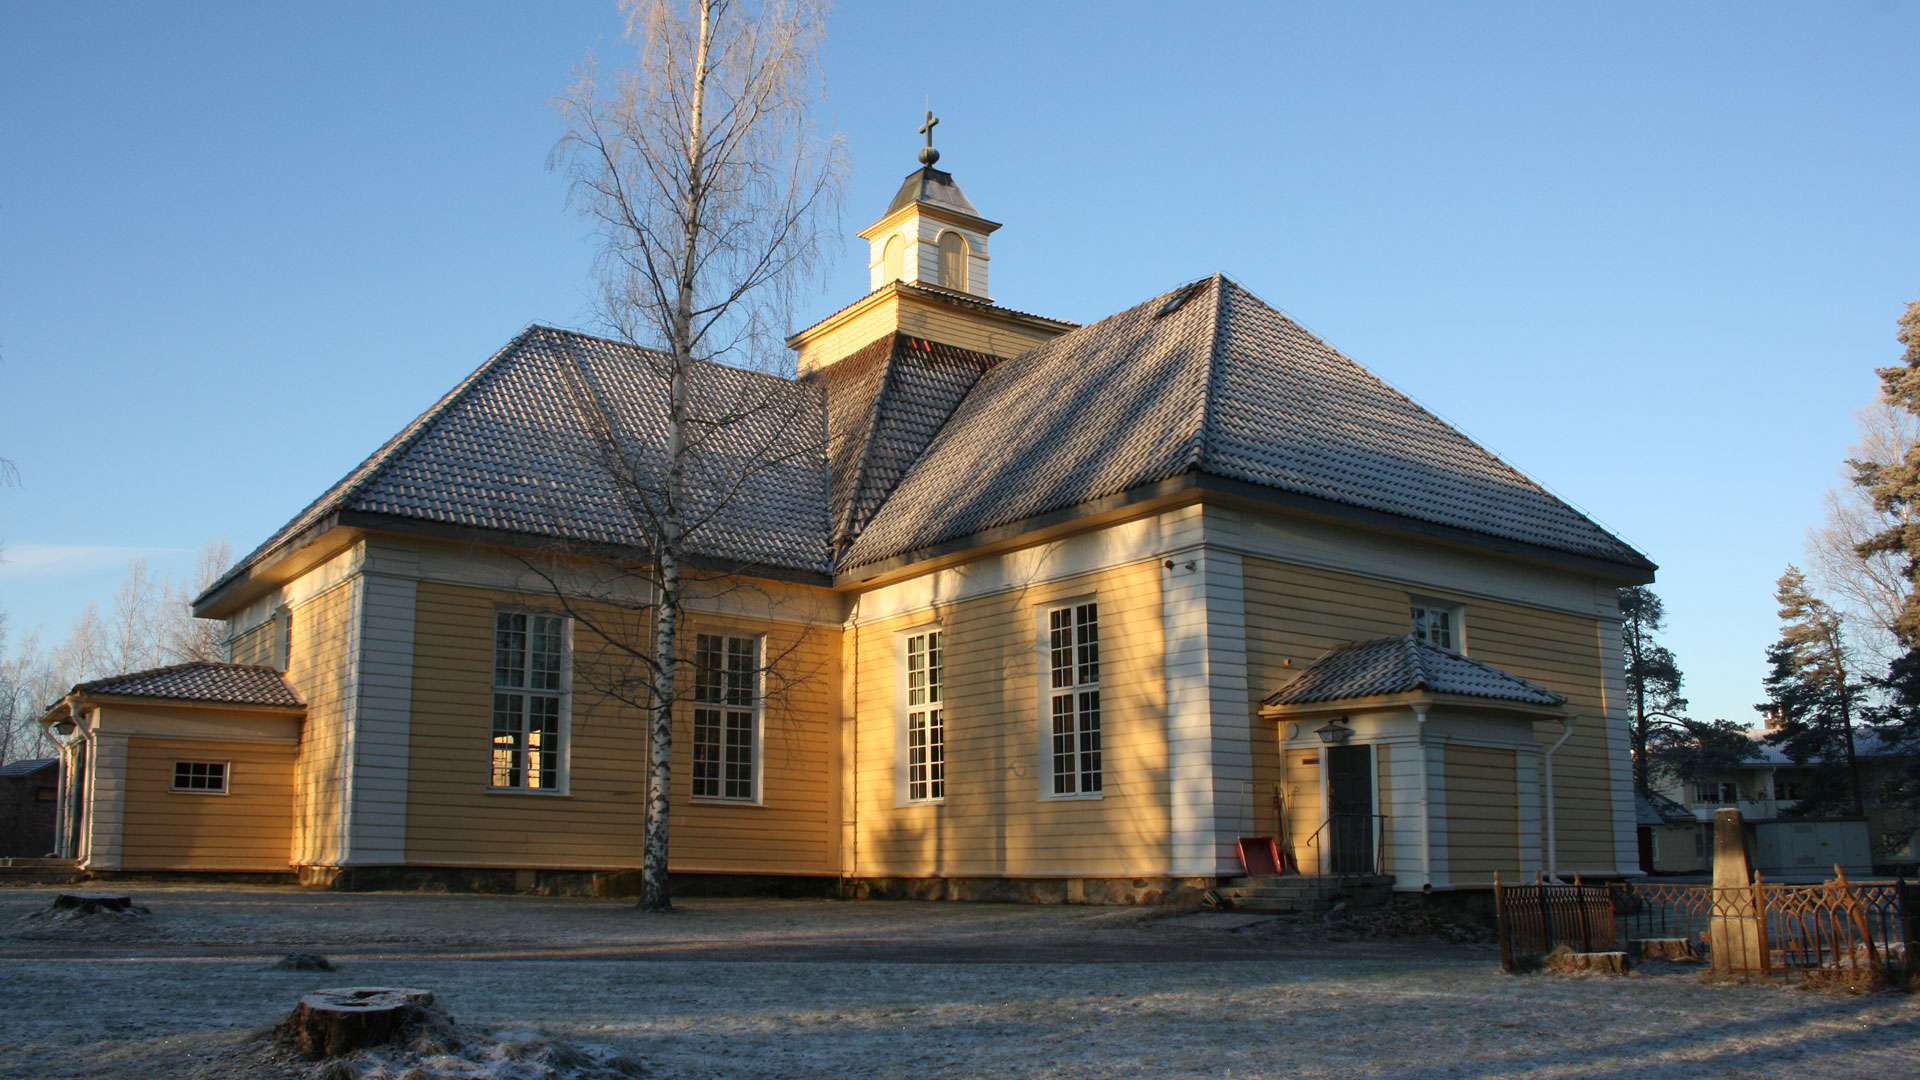 Joroisten kirkko